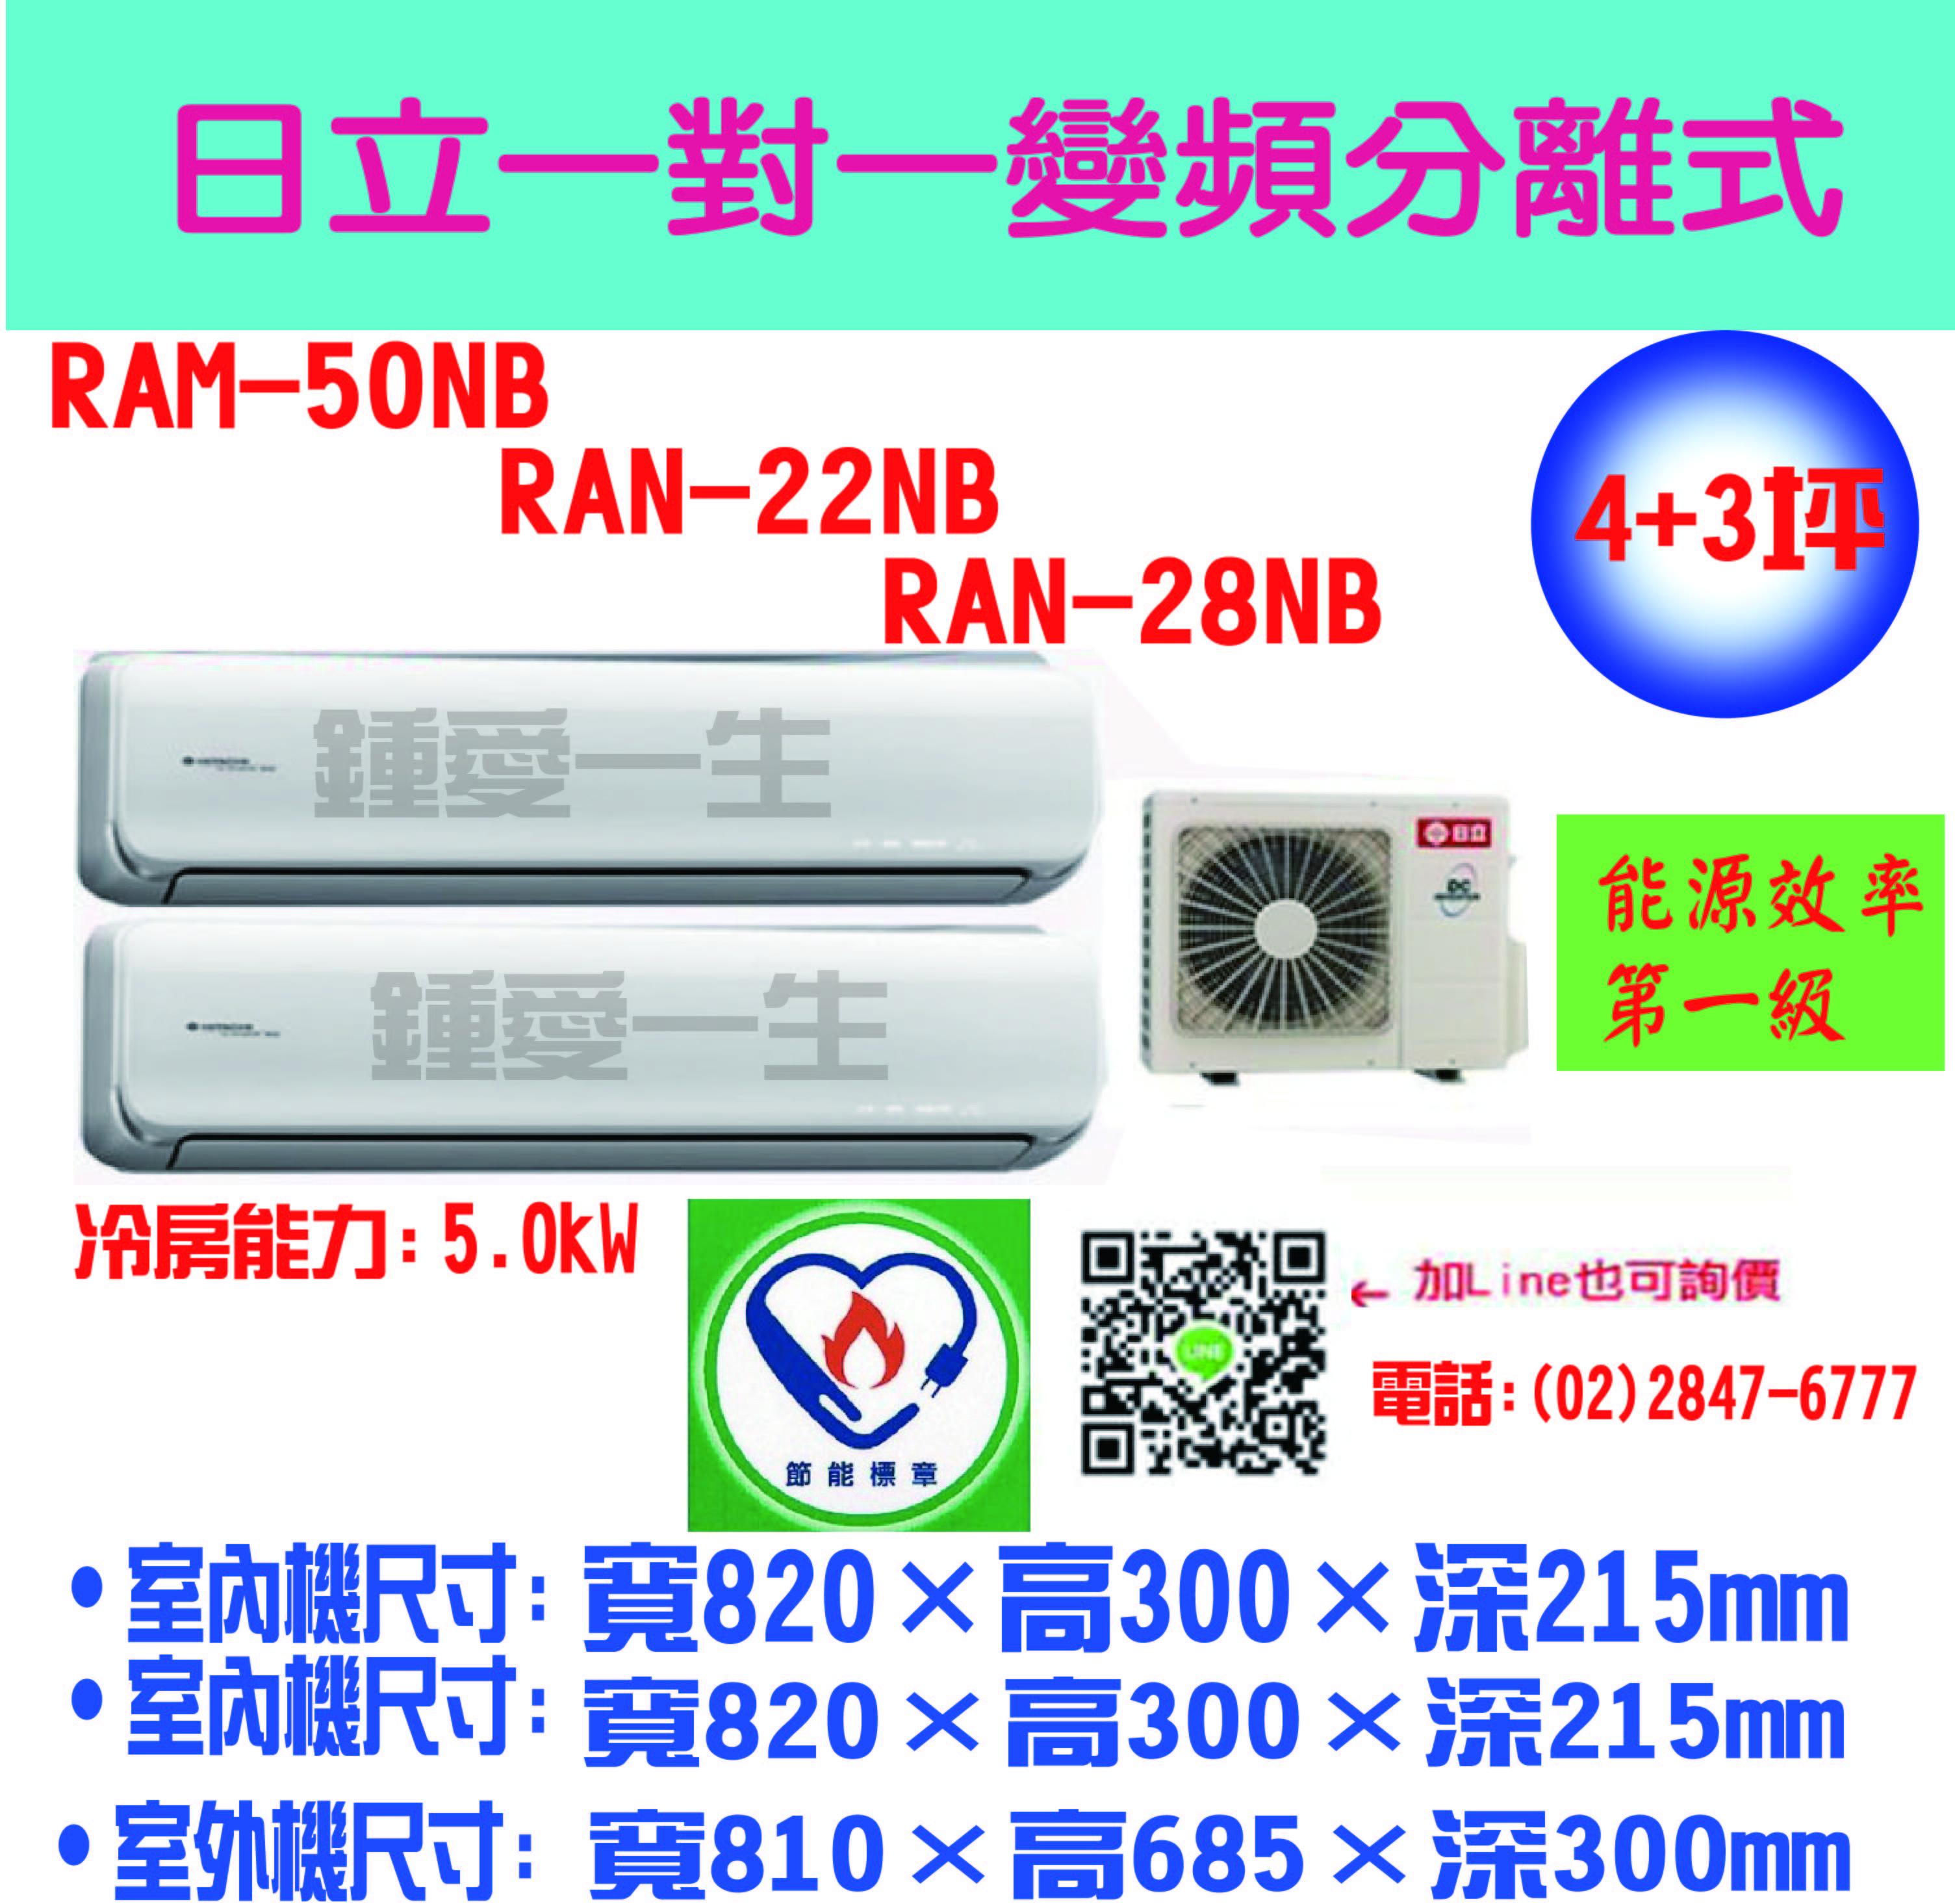 【鍾愛一生】【RAM-50NB / RAS-28NB + RAS-28NB】HITACHI 日立冷氣 變頻 冷暖 頂級型 分離式 一對二 日本原裝壓縮機 節能1級 適用4-6坪*2 免費基本安裝